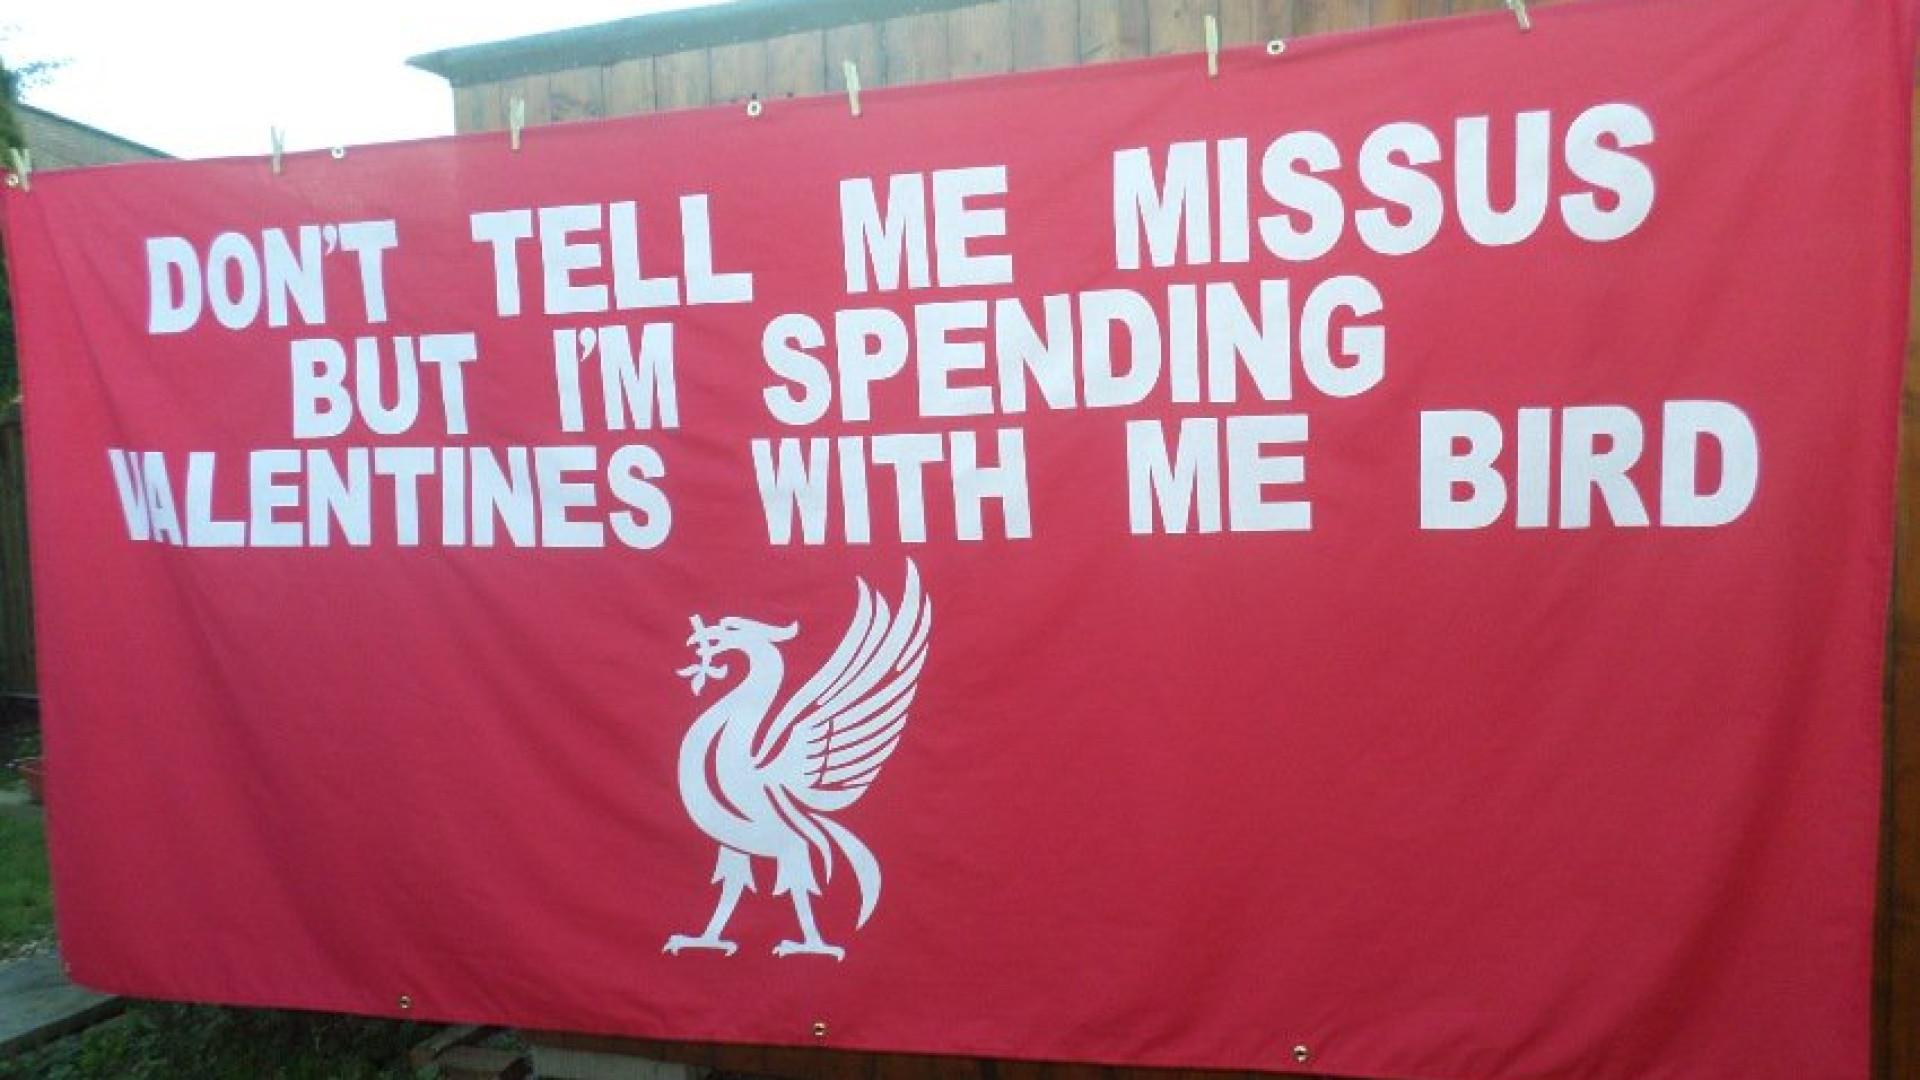 Adeptos do Liverpool avisam as namoradas com quem vão passar o S.Valentim